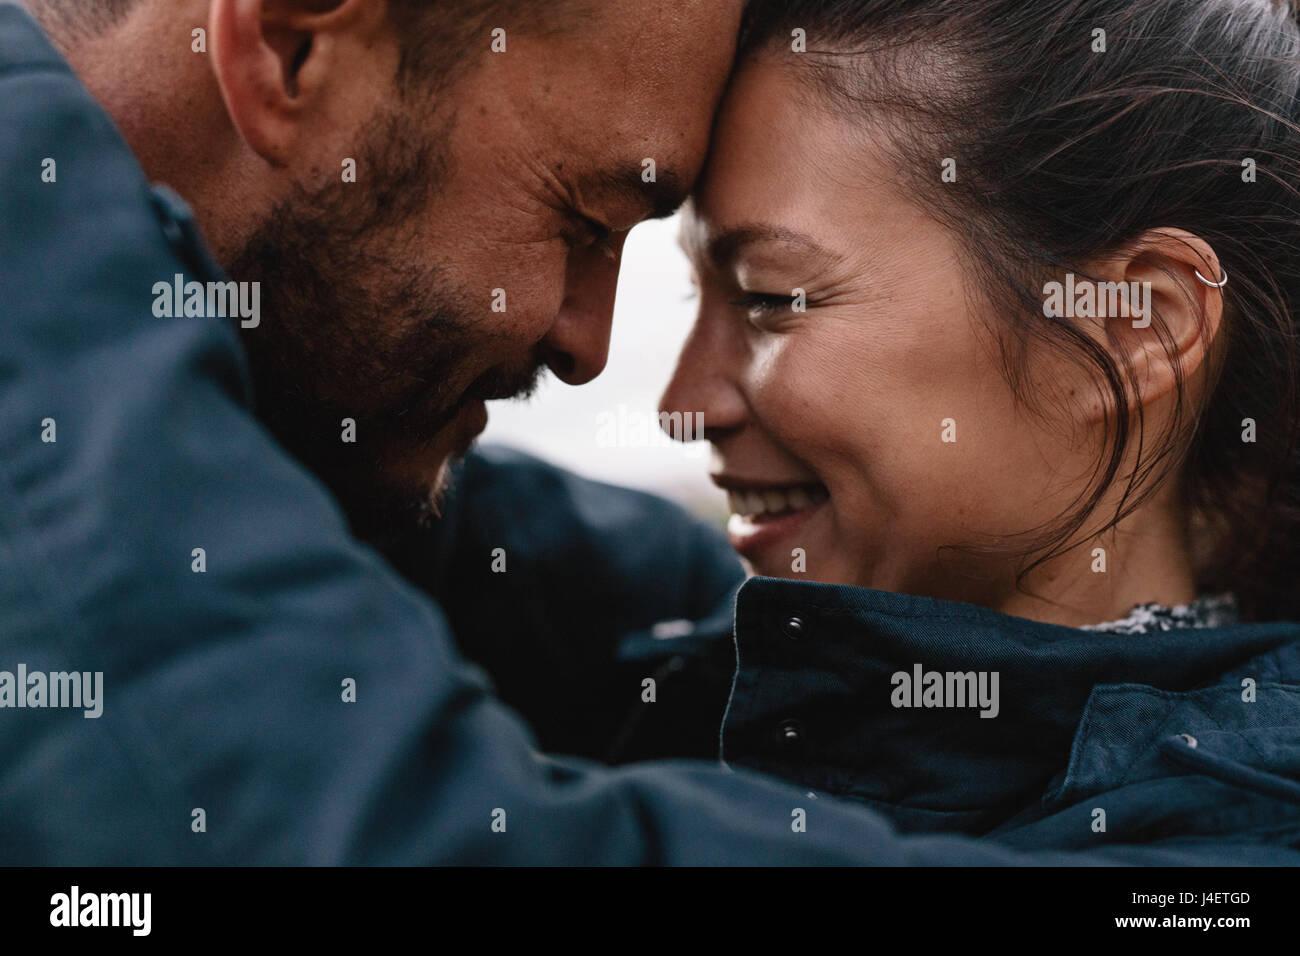 Côté Close-up portrait of young mixed race couple dans l'amour. Couple romantique et souriant. Photo Stock